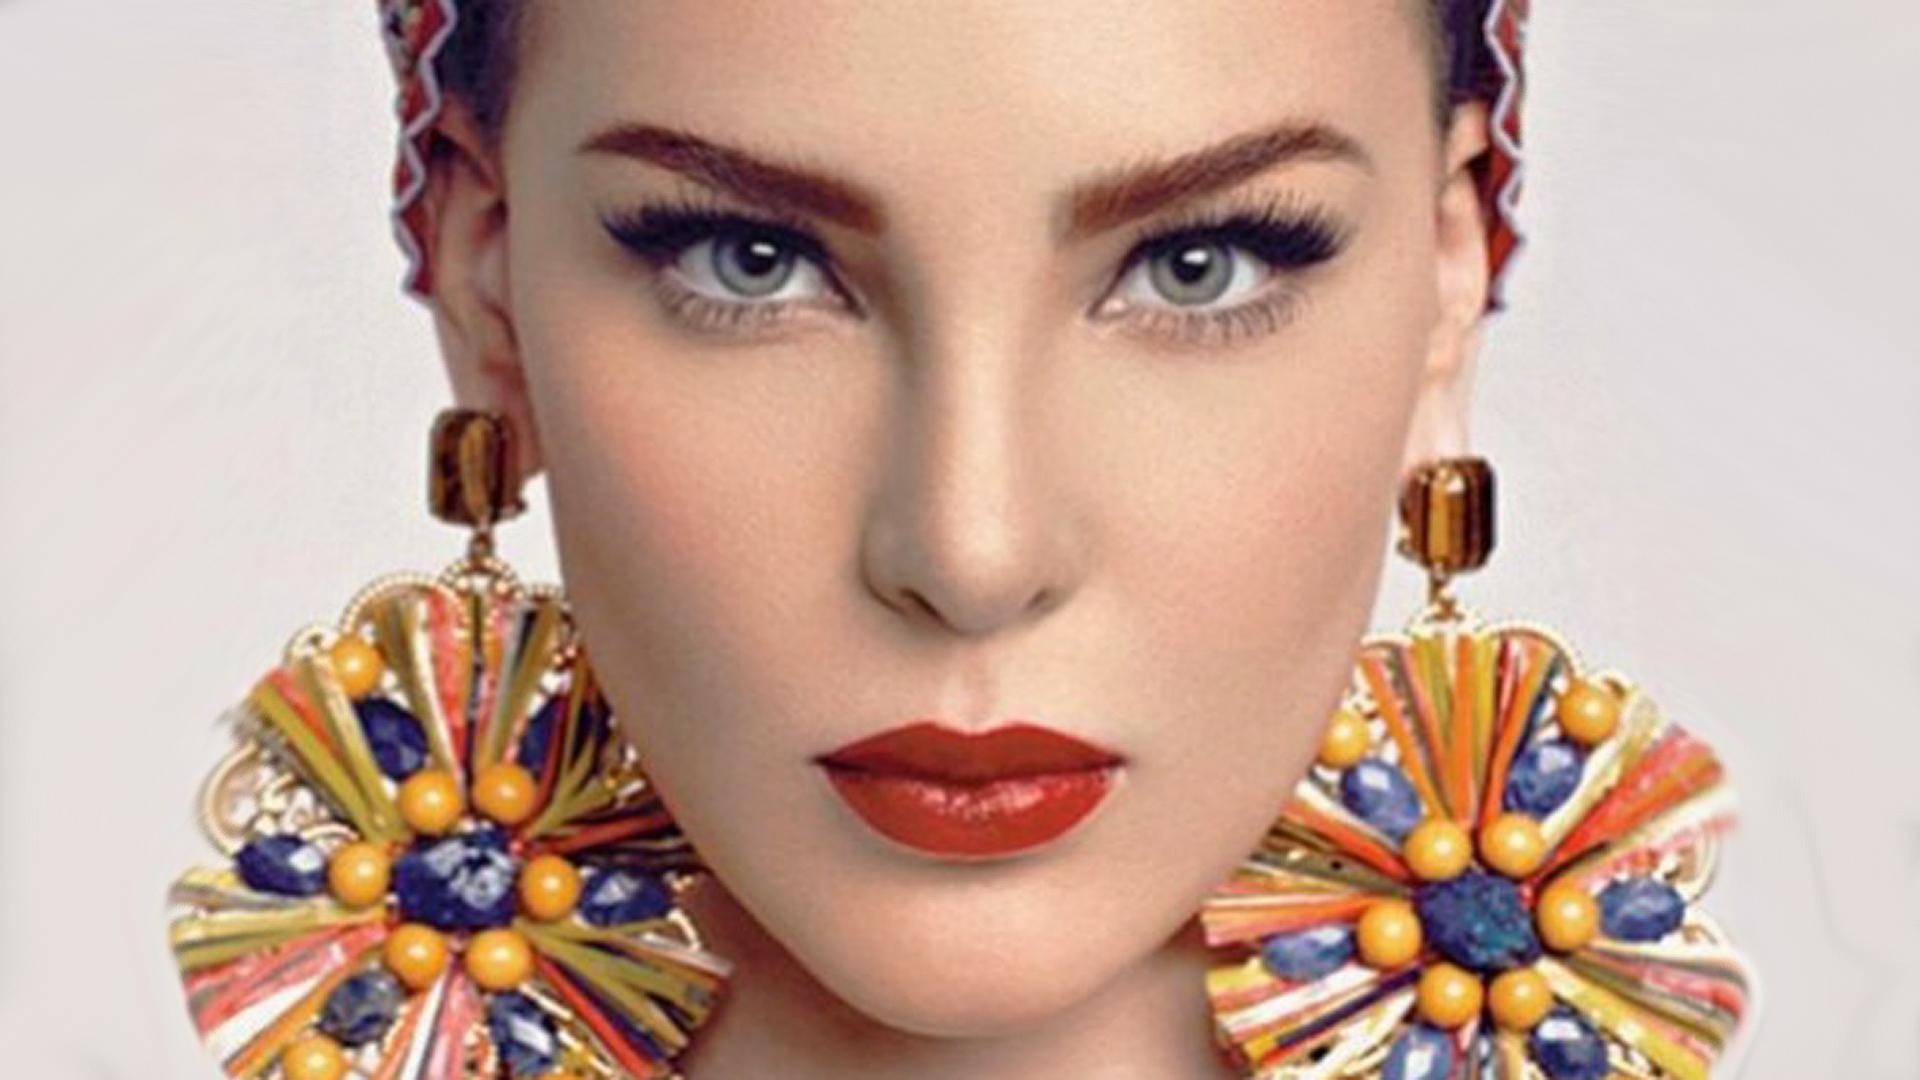 Celebrity Fakes > Images newest > Marjorie-De-Sousa